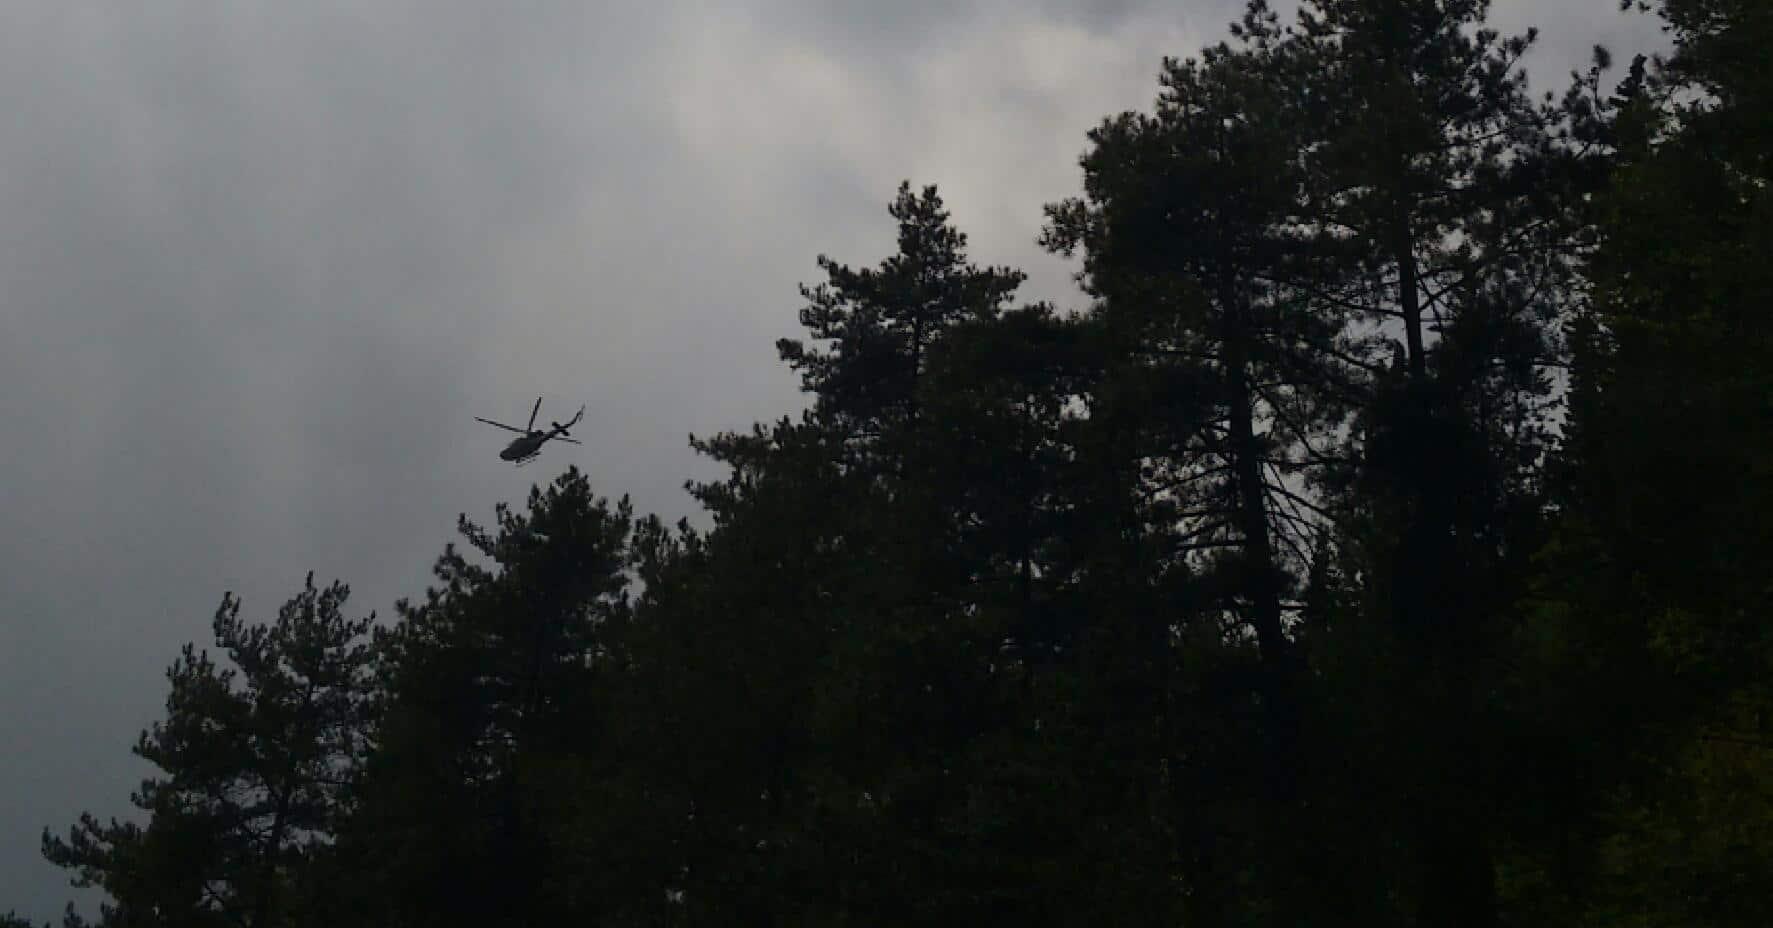 Intervento di recupero di due escursioniste in difficoltà in località Madonna dei Tre Fiumi per la stazione Monta Falterona del Soccorso Alpino Toscano